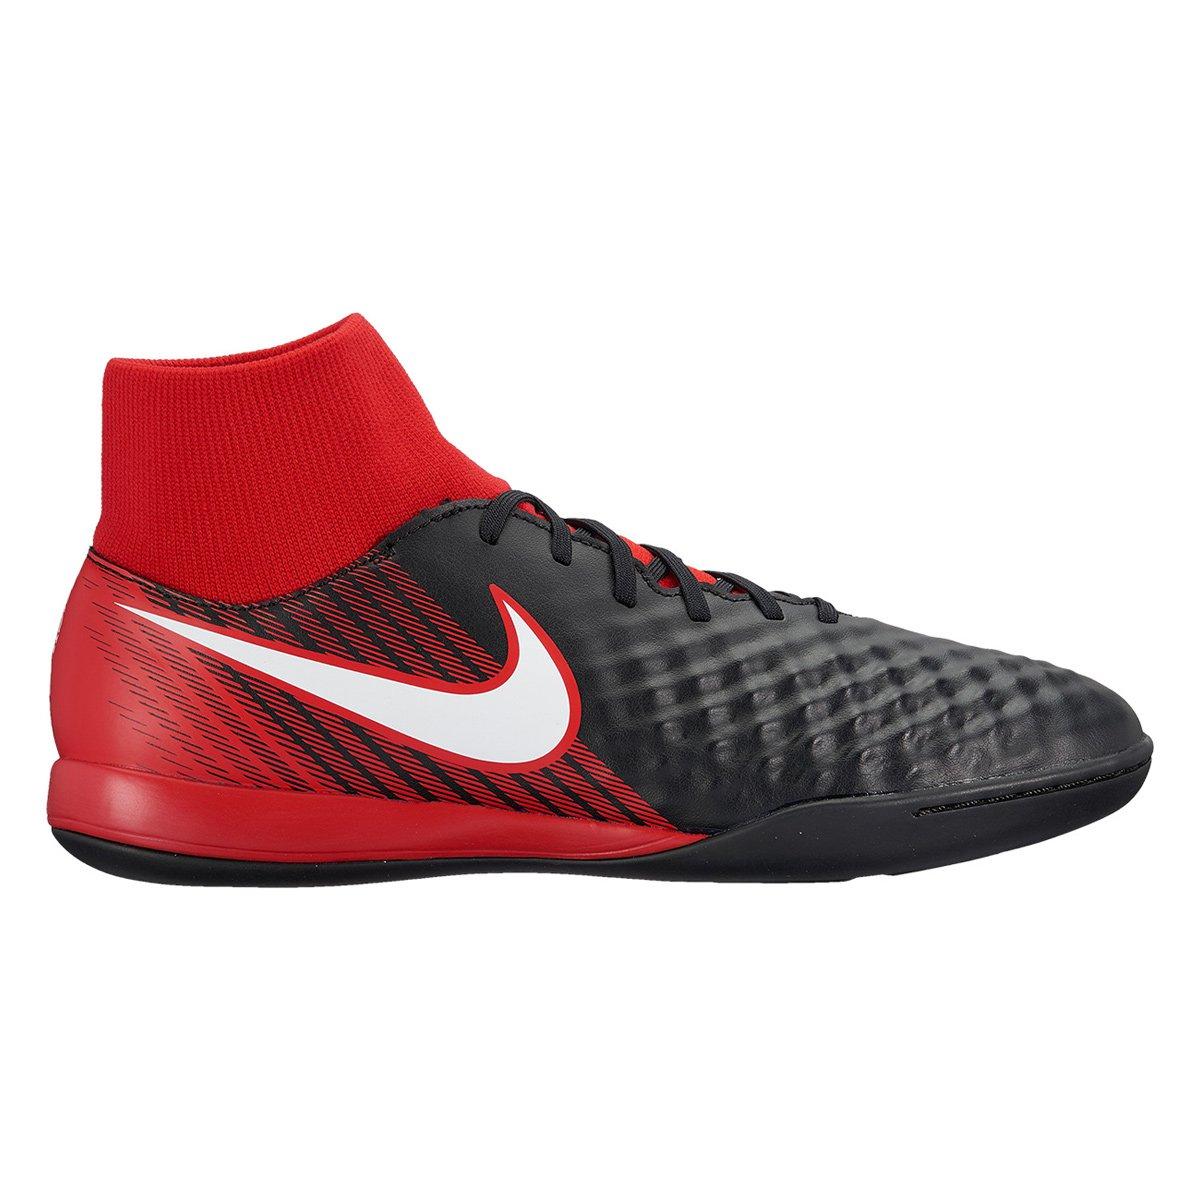 6de4e8a859 Chuteira Futsal Nike Magista Onda 2 DF IC - Compre Agora